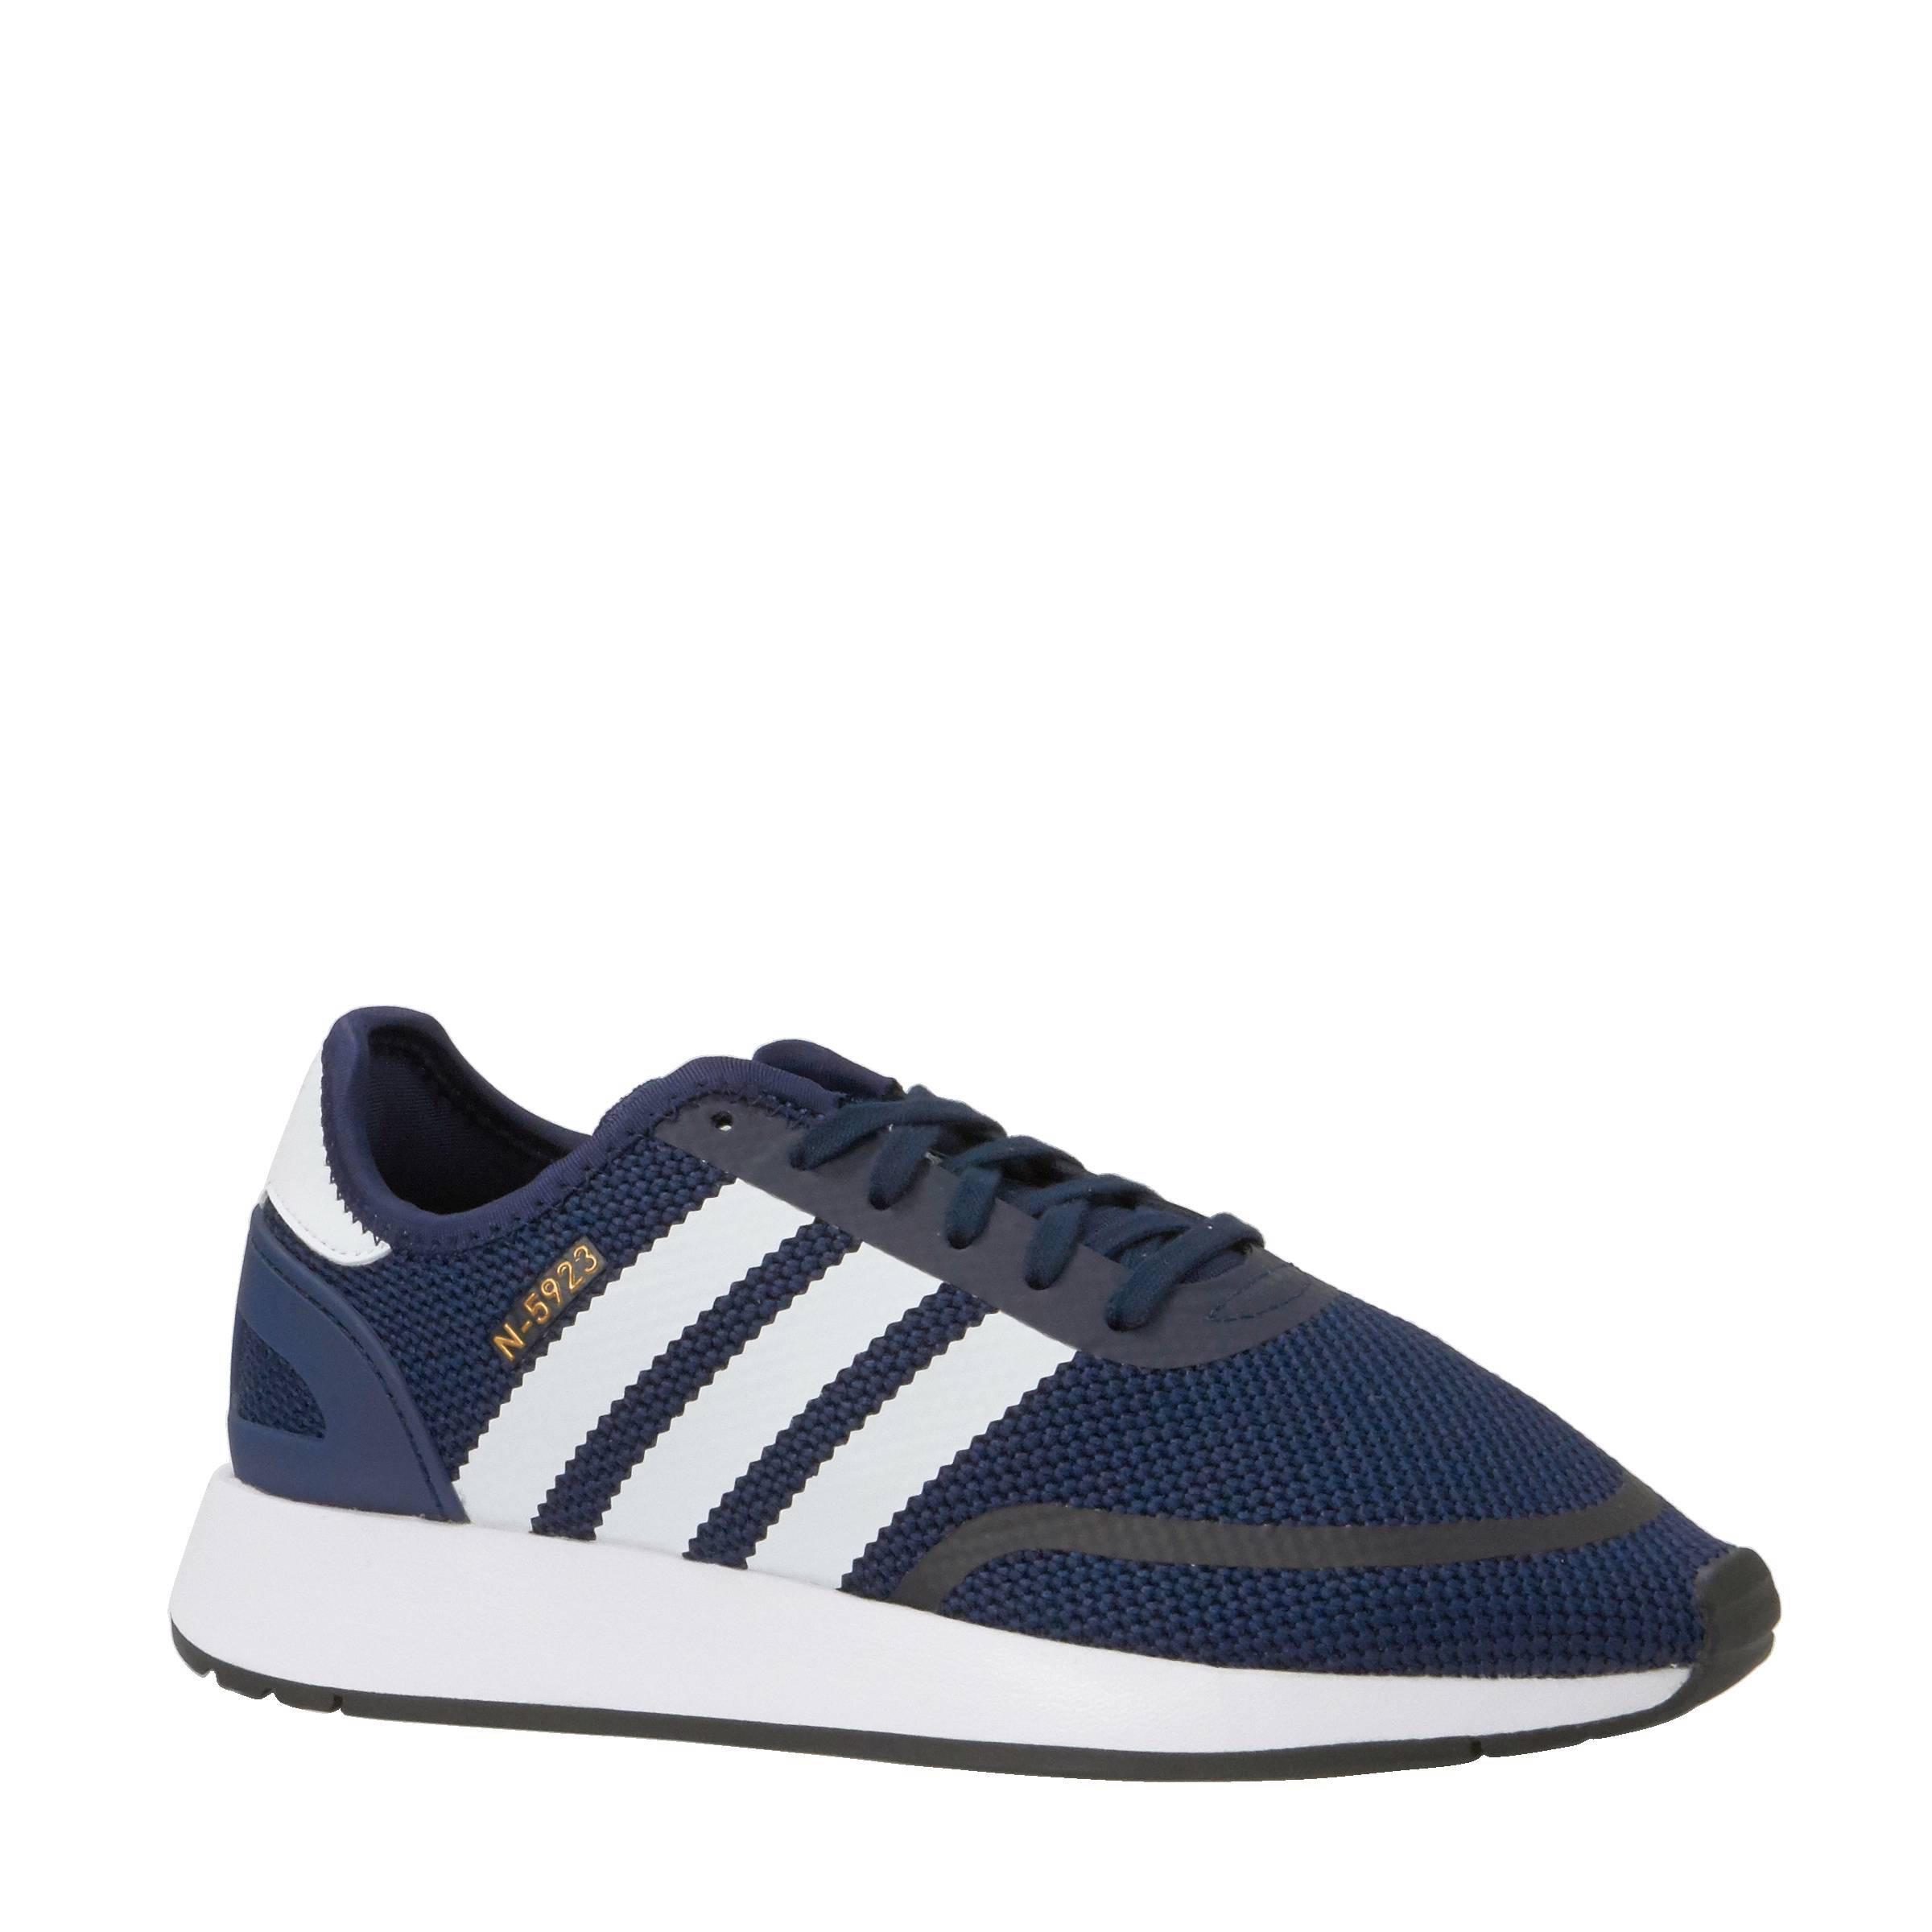 N-5923 J sneakers